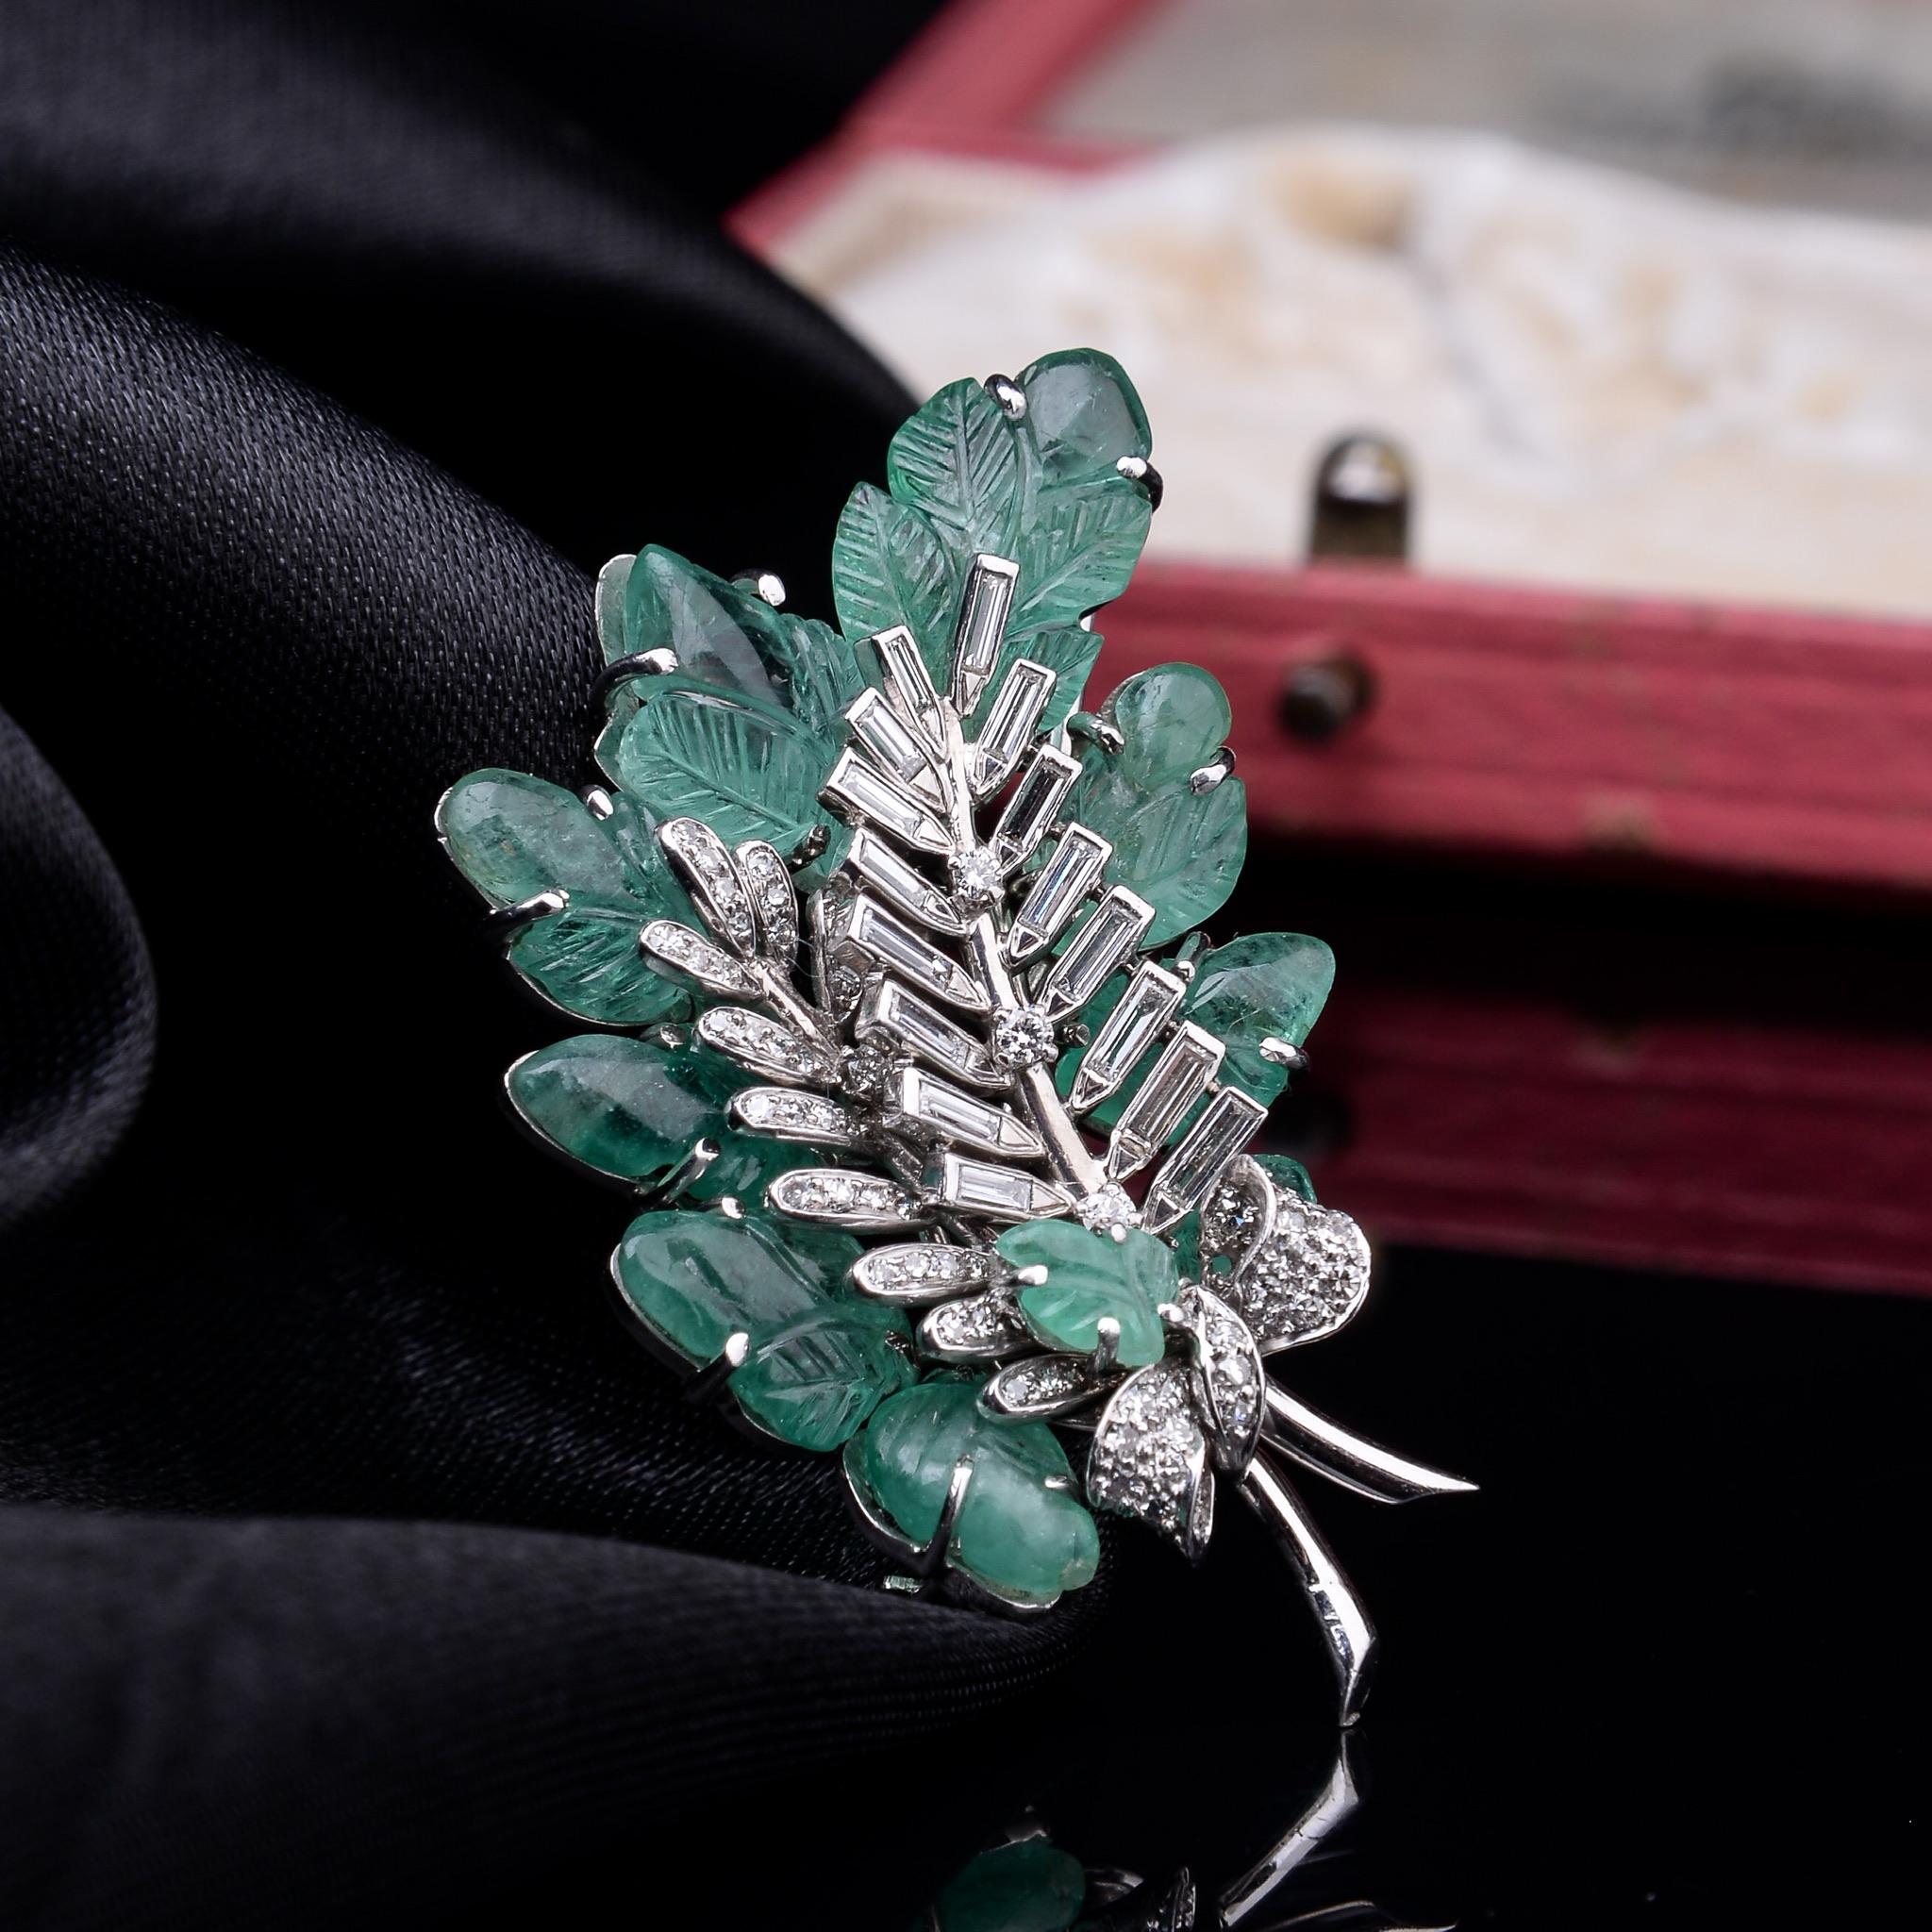 Lot 15 - Emerald and Diamond 'Tutti Frutti' Brooch, 1930s